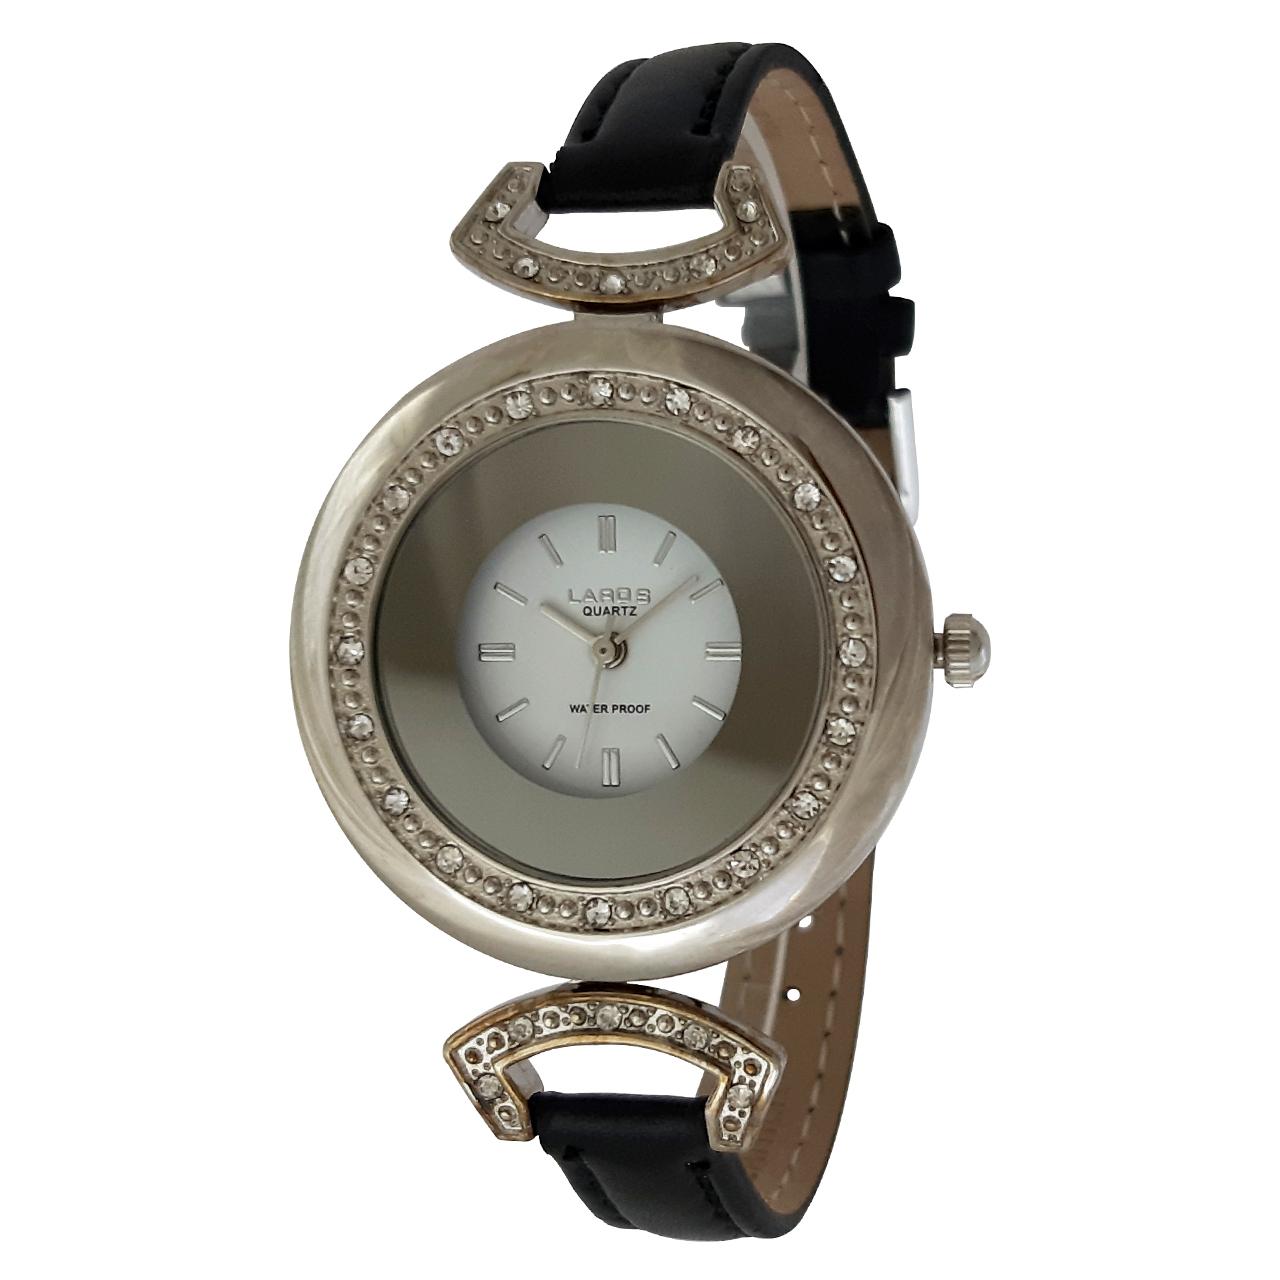 خرید ساعت مچی عقربه ای زنانه لاروس مدل 512-74762 به همراه دستمال مخصوص برند کلین واچ